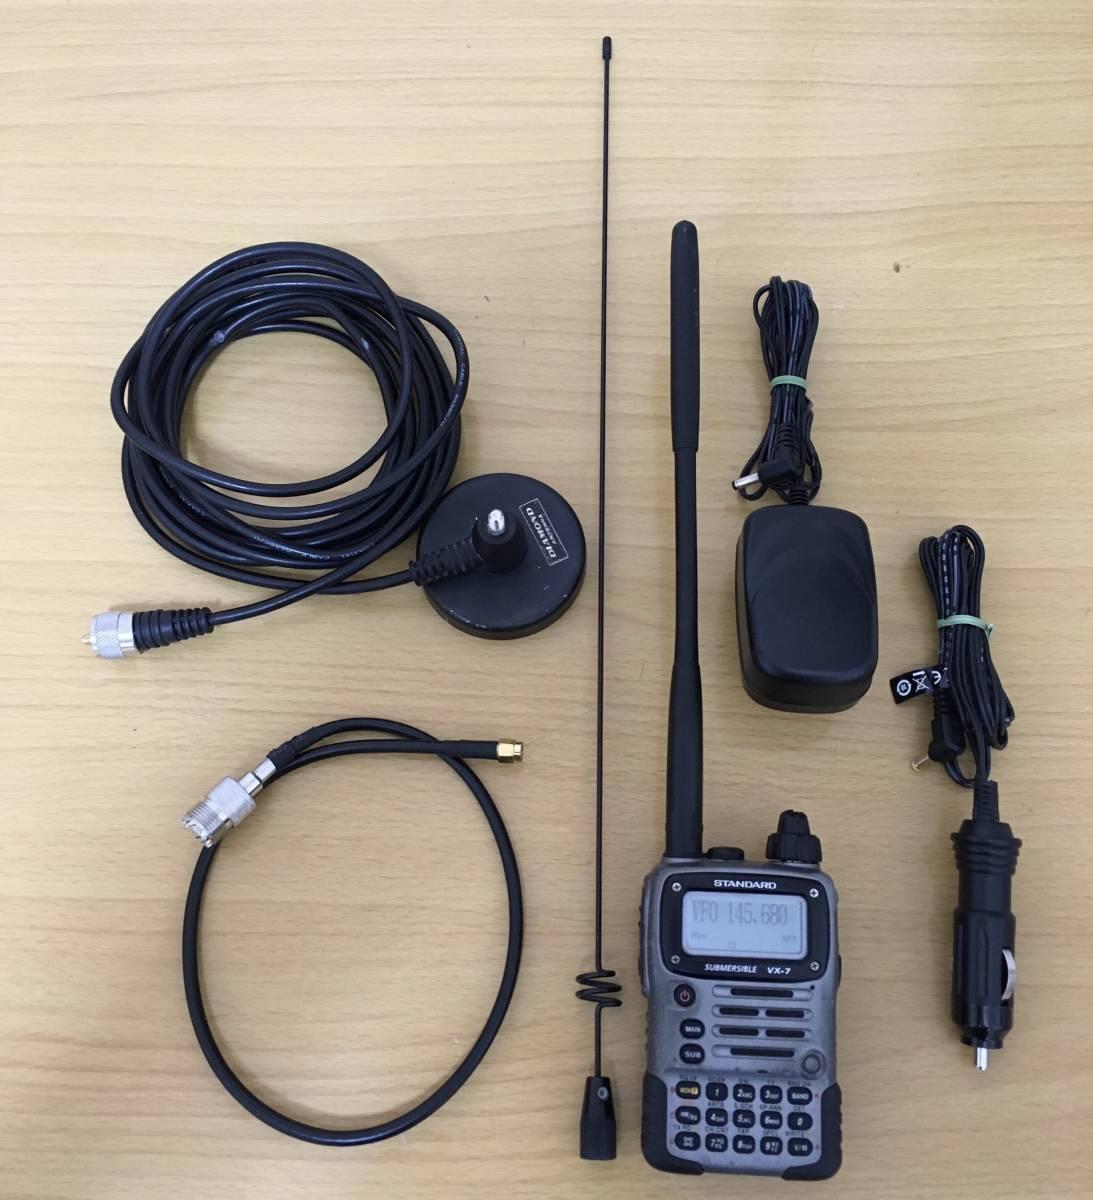 八重洲 VX-7 50M/144M/430M 5W 50MHzAM 動作確認済アンテナ基台ケーブル充電器セット